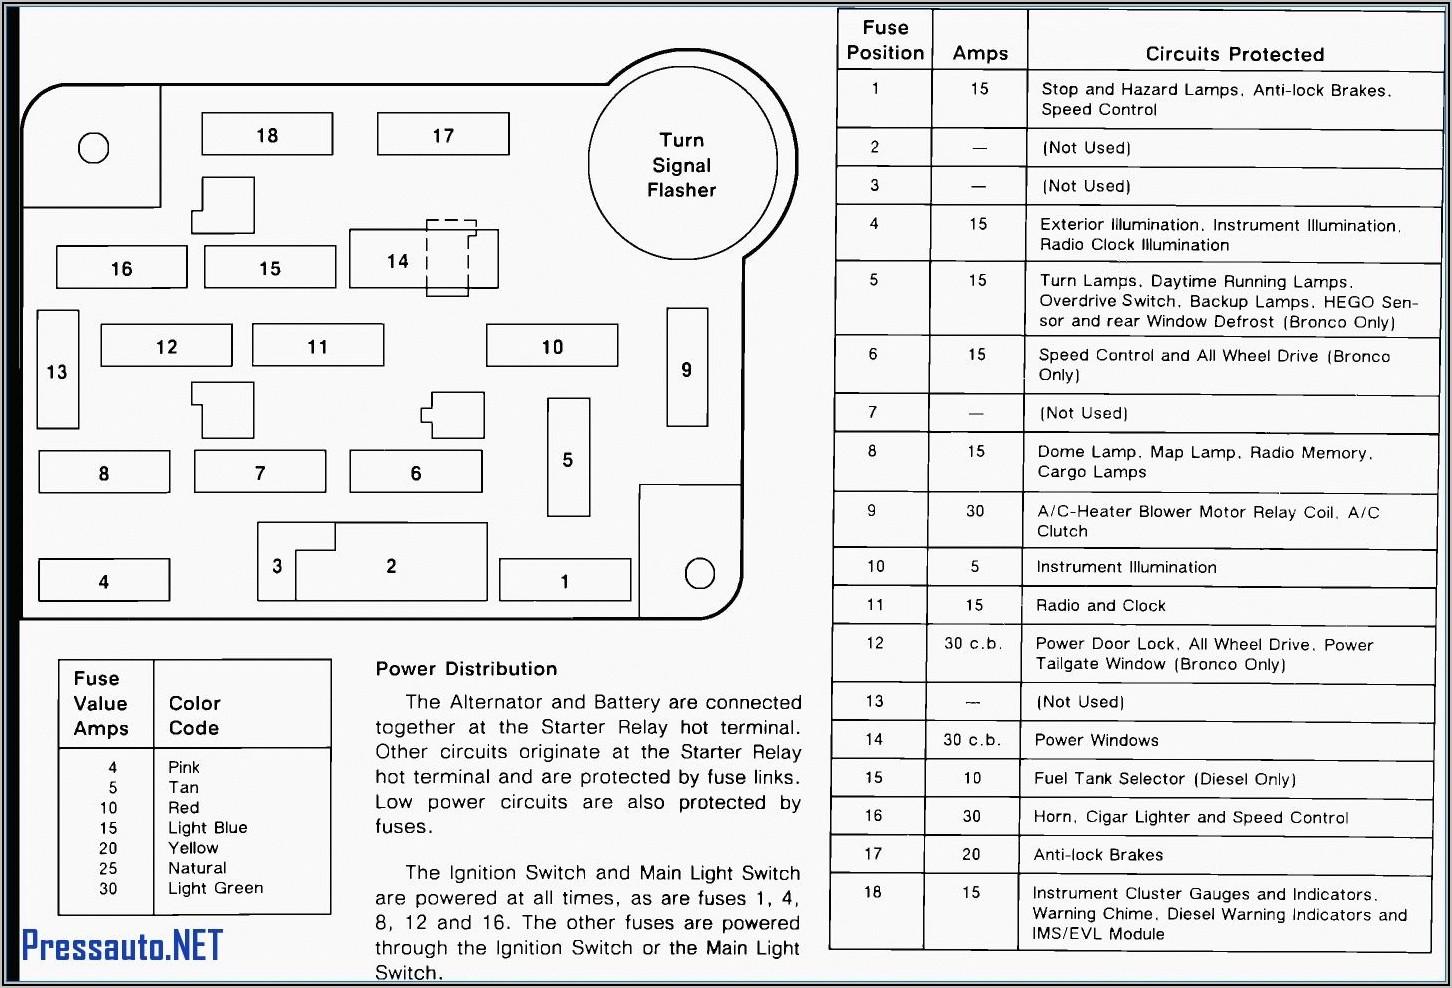 2010 Ford F150 Interior Fuse Box Diagram